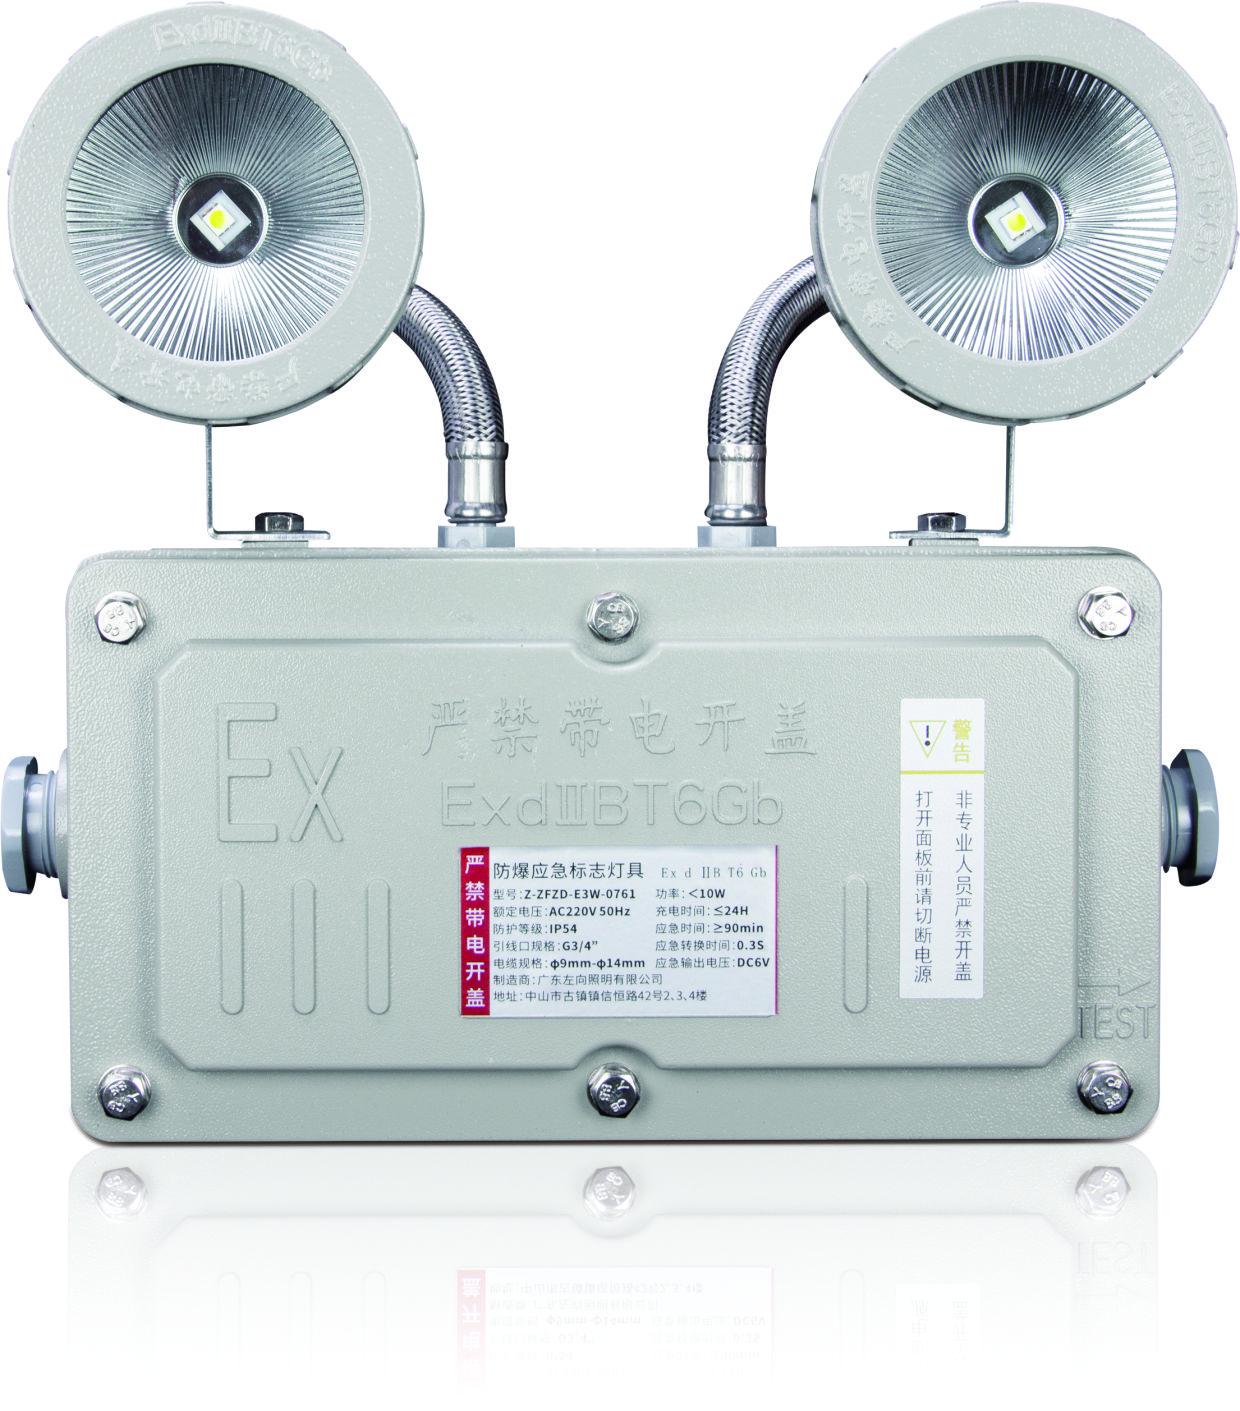 Z-ZFJC-E7W-1122